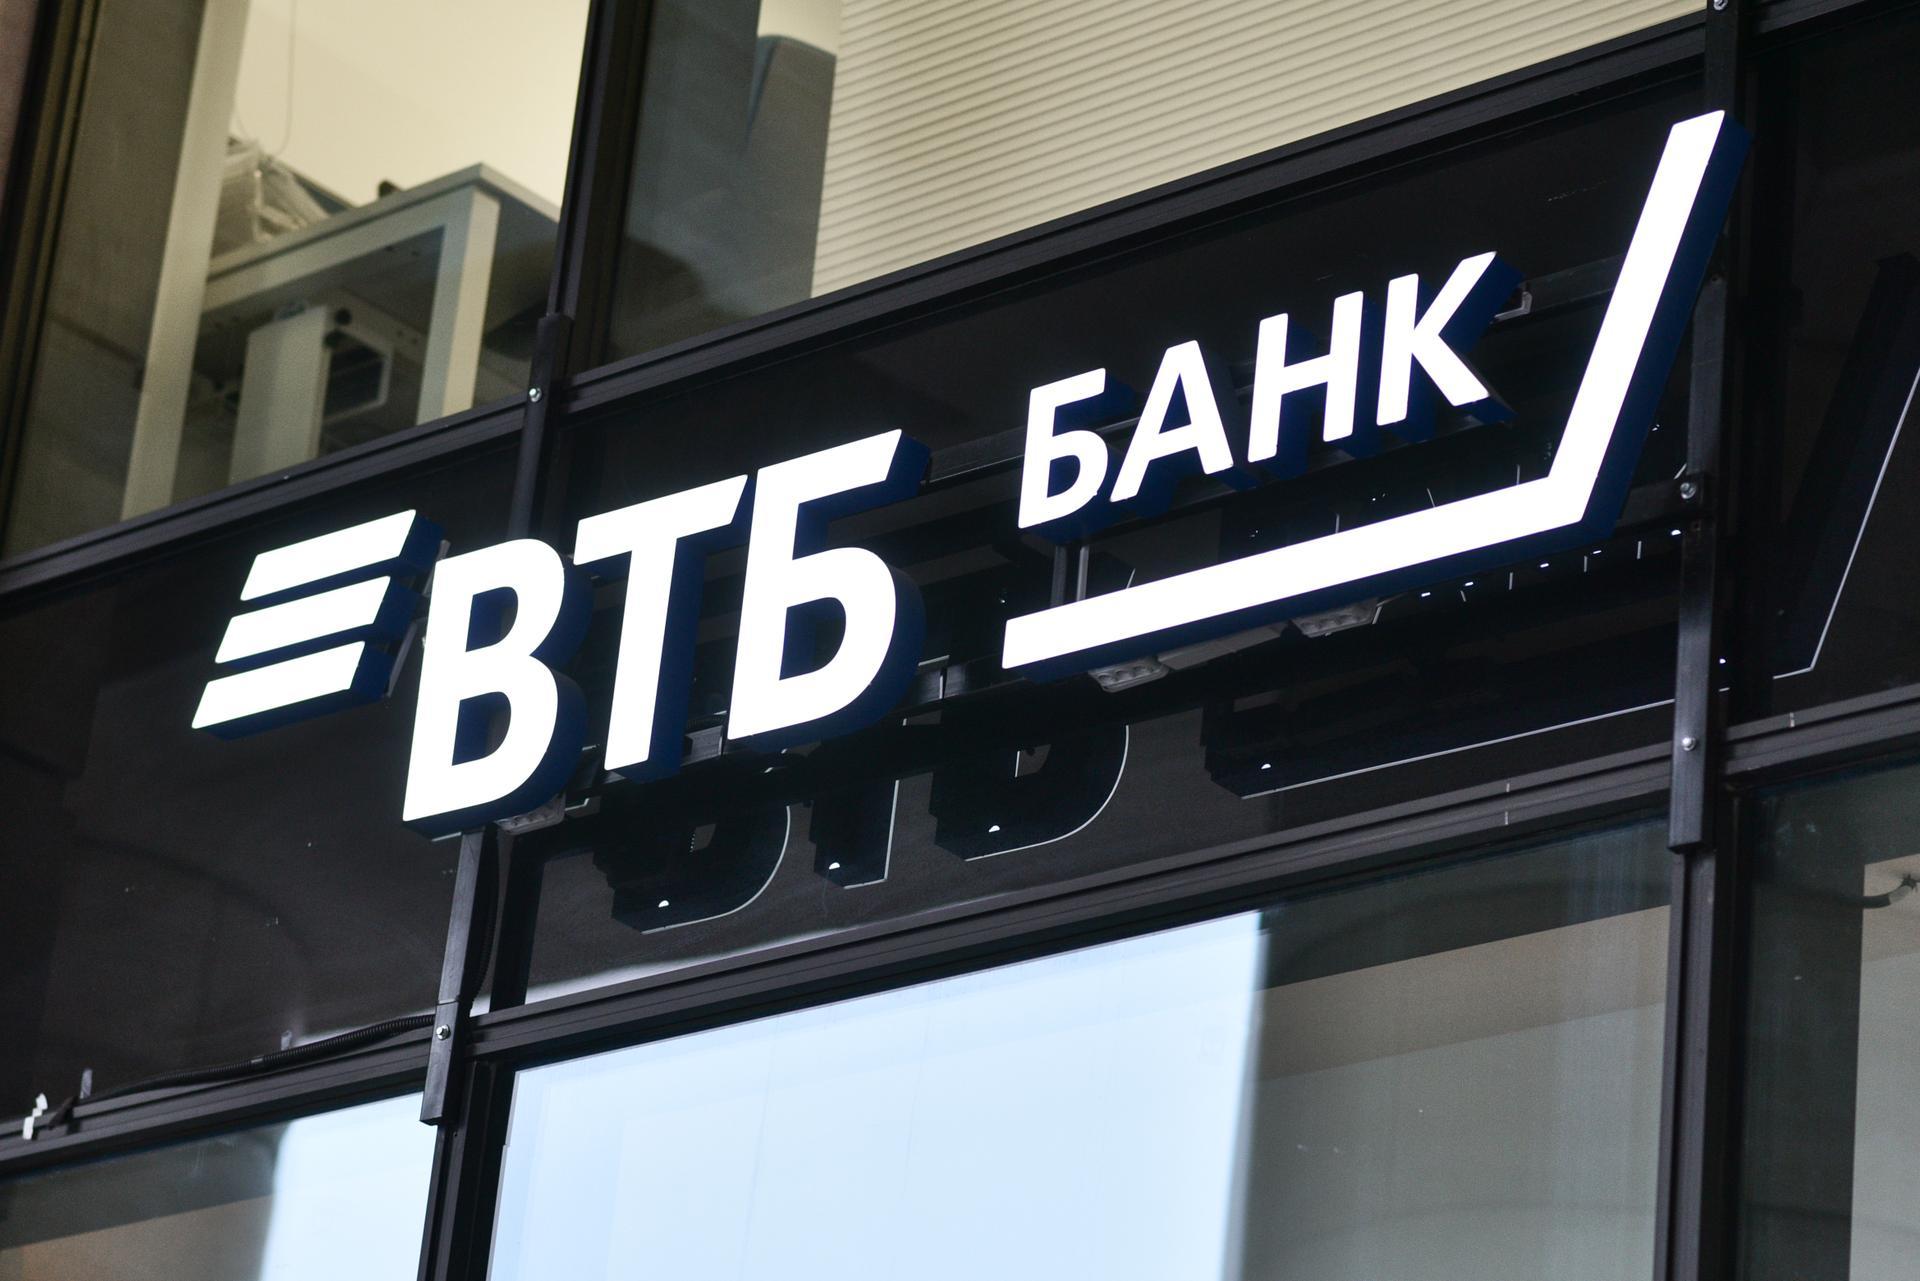 ВТБ может снизить дивиденды в 5 раз